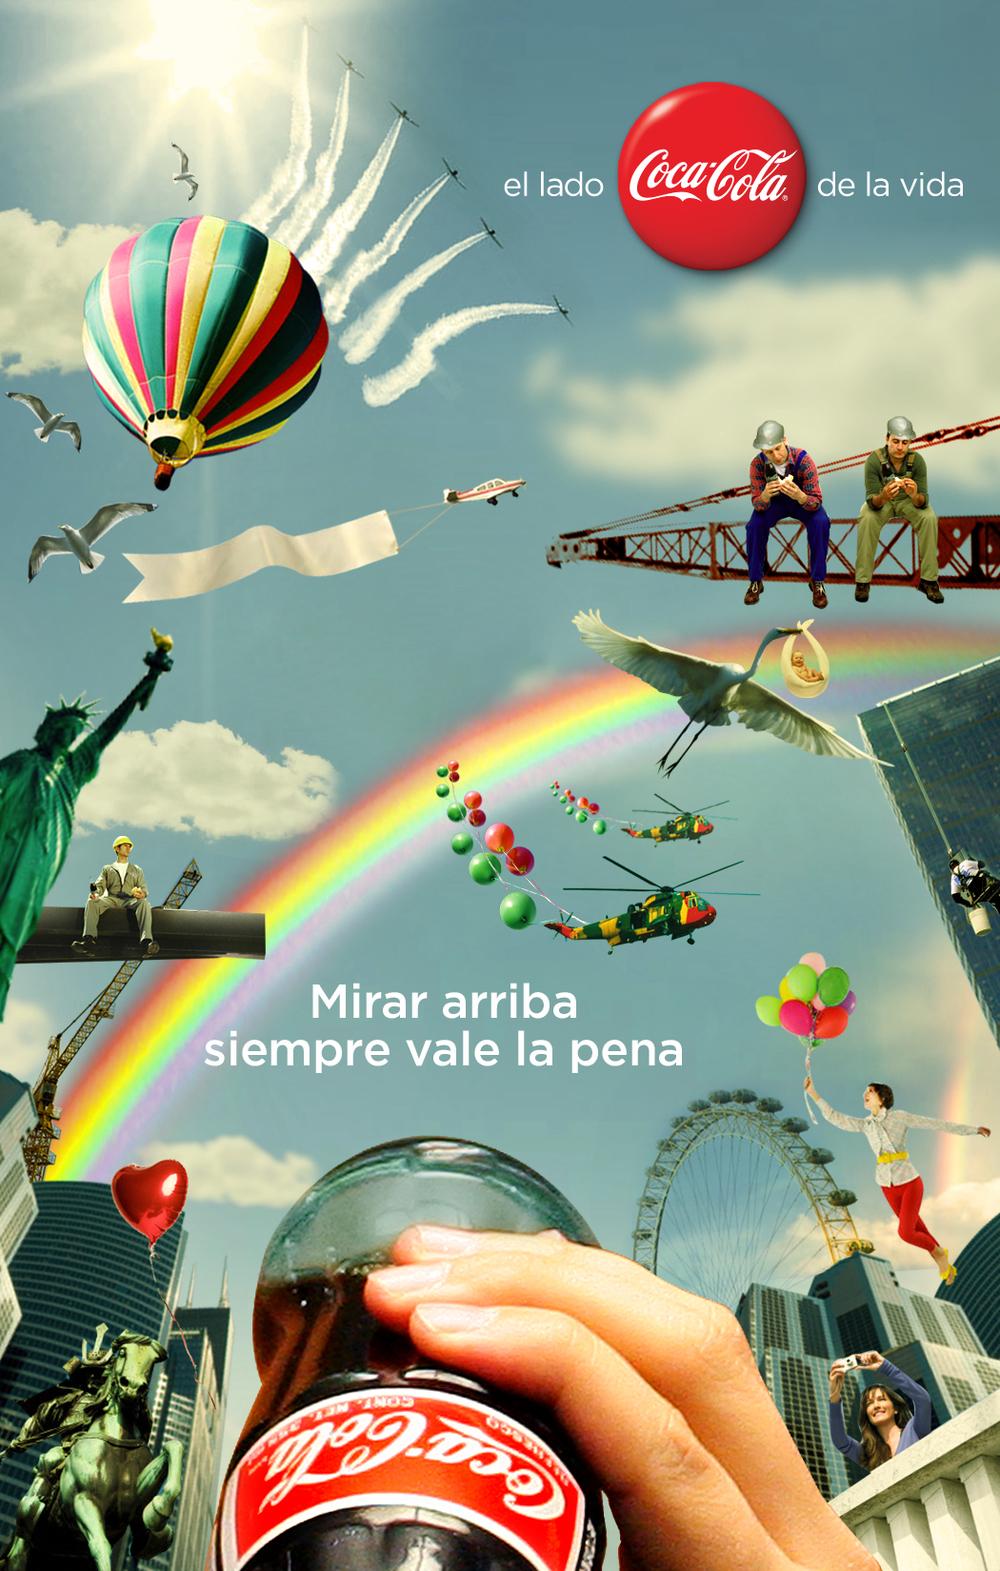 Looking up is always worth it.    The Coke side of life   Creative Team: Jorge Pomareda & Eduardo Tua